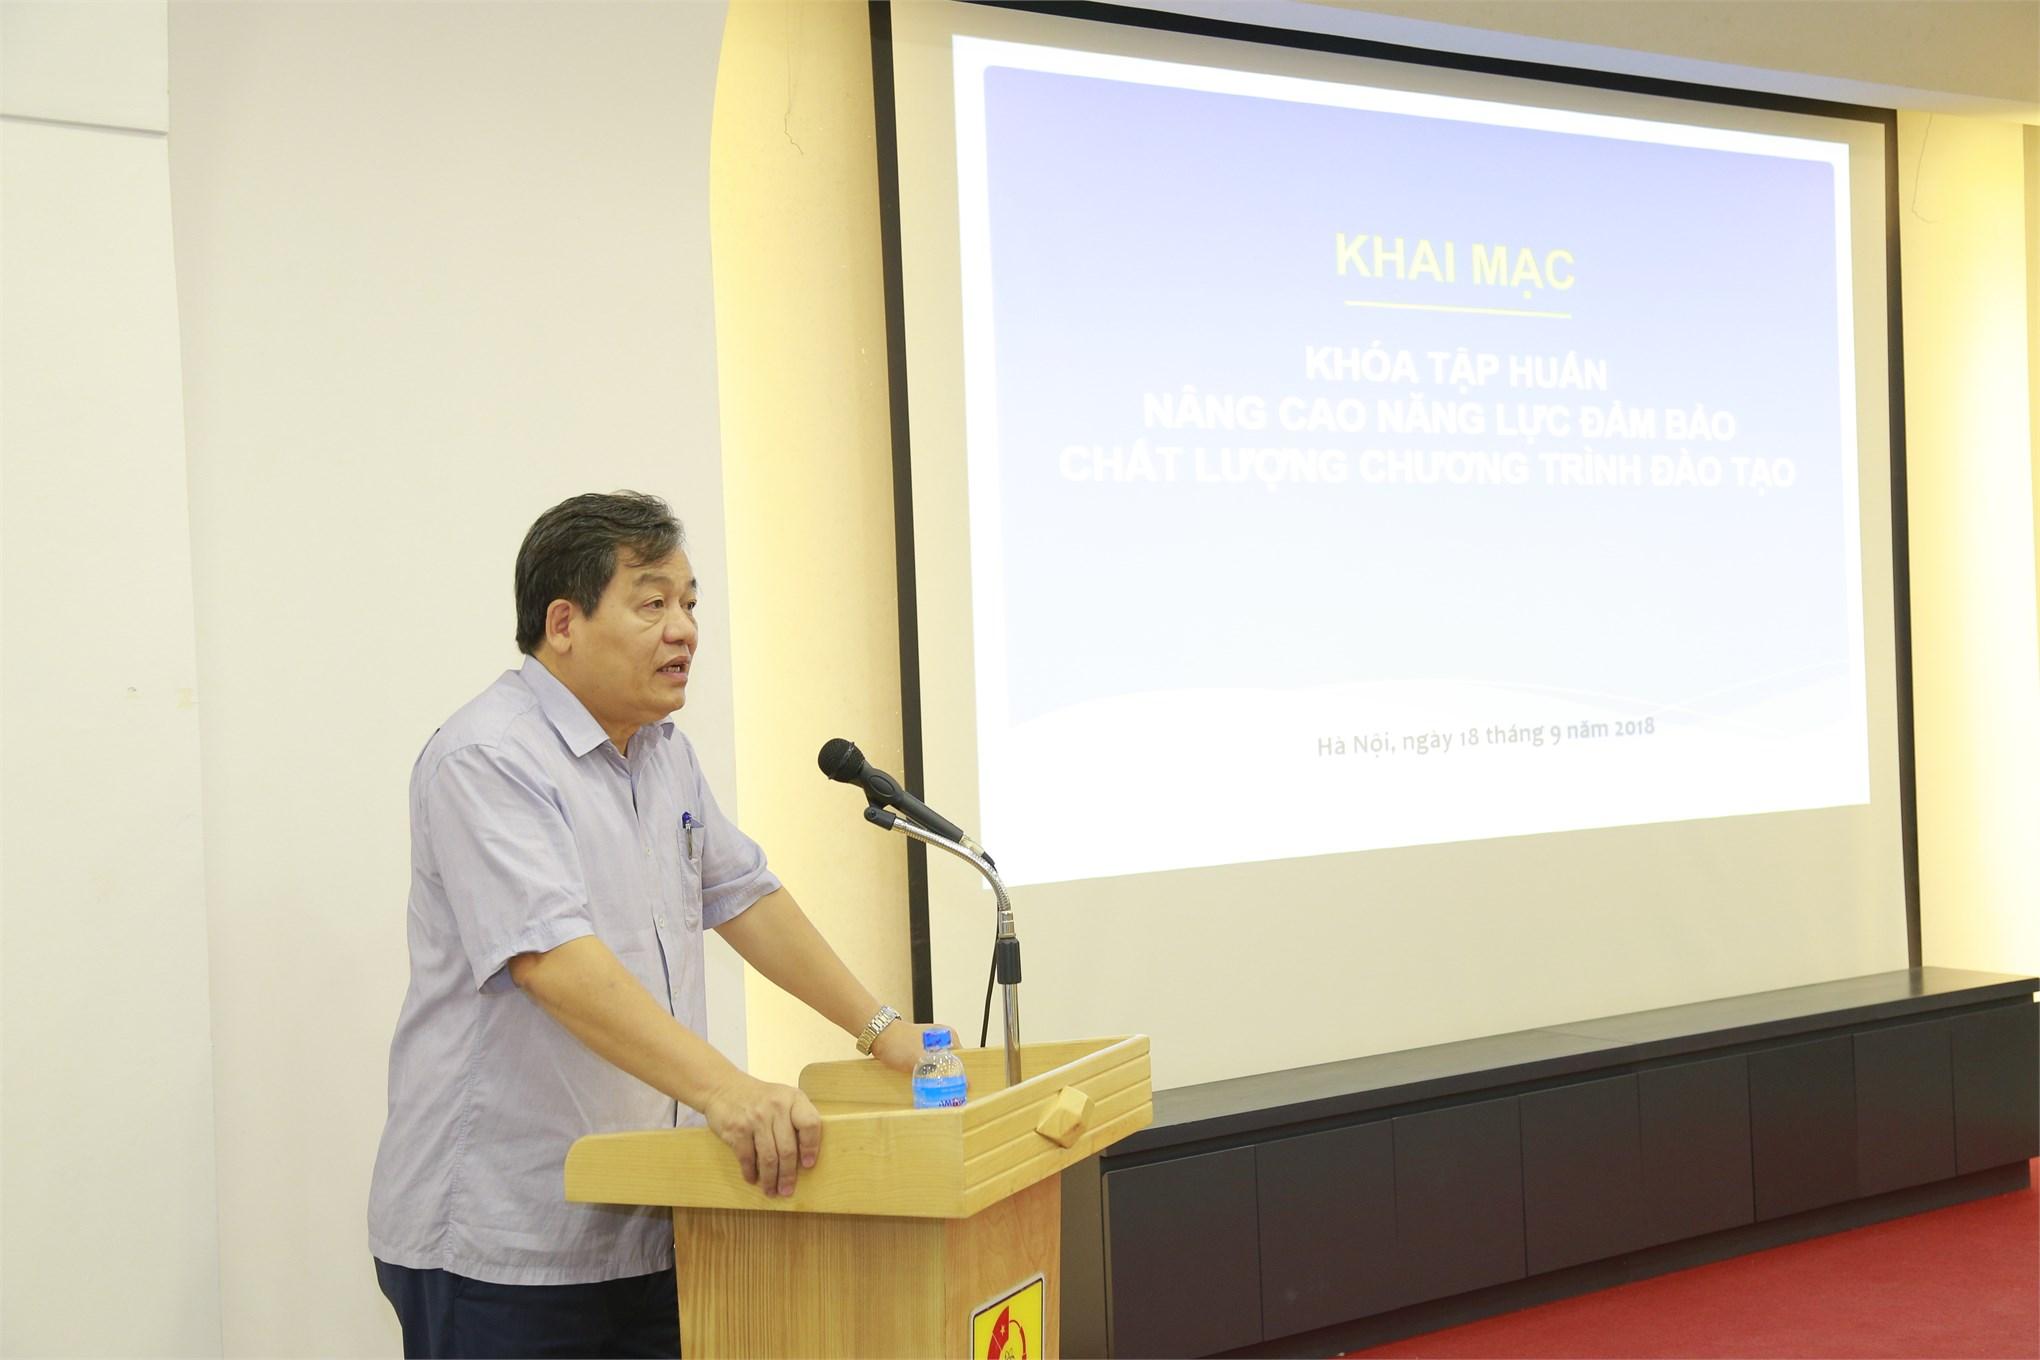 PGS.TS. Trần Đức Quý - Bí thư Đảng ủy, Hiệu trưởng Nhà trường phát biểu khai mạc khóa tập huấn